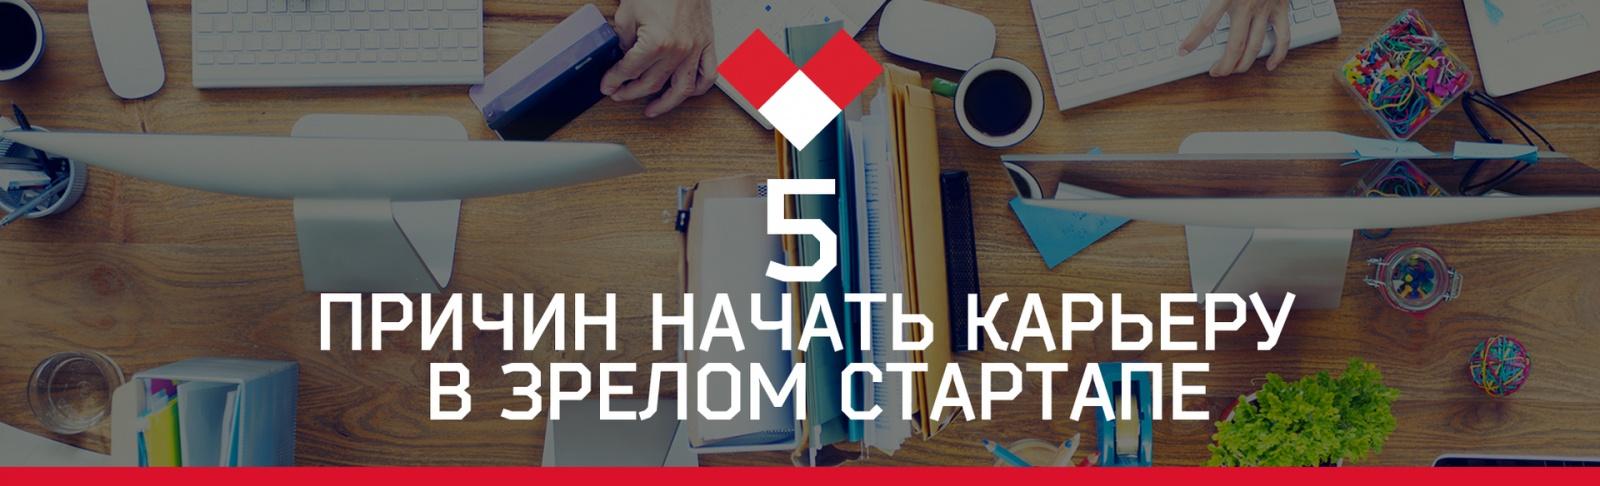 5 причин начать карьеру в «зрелом» стартапе - 1